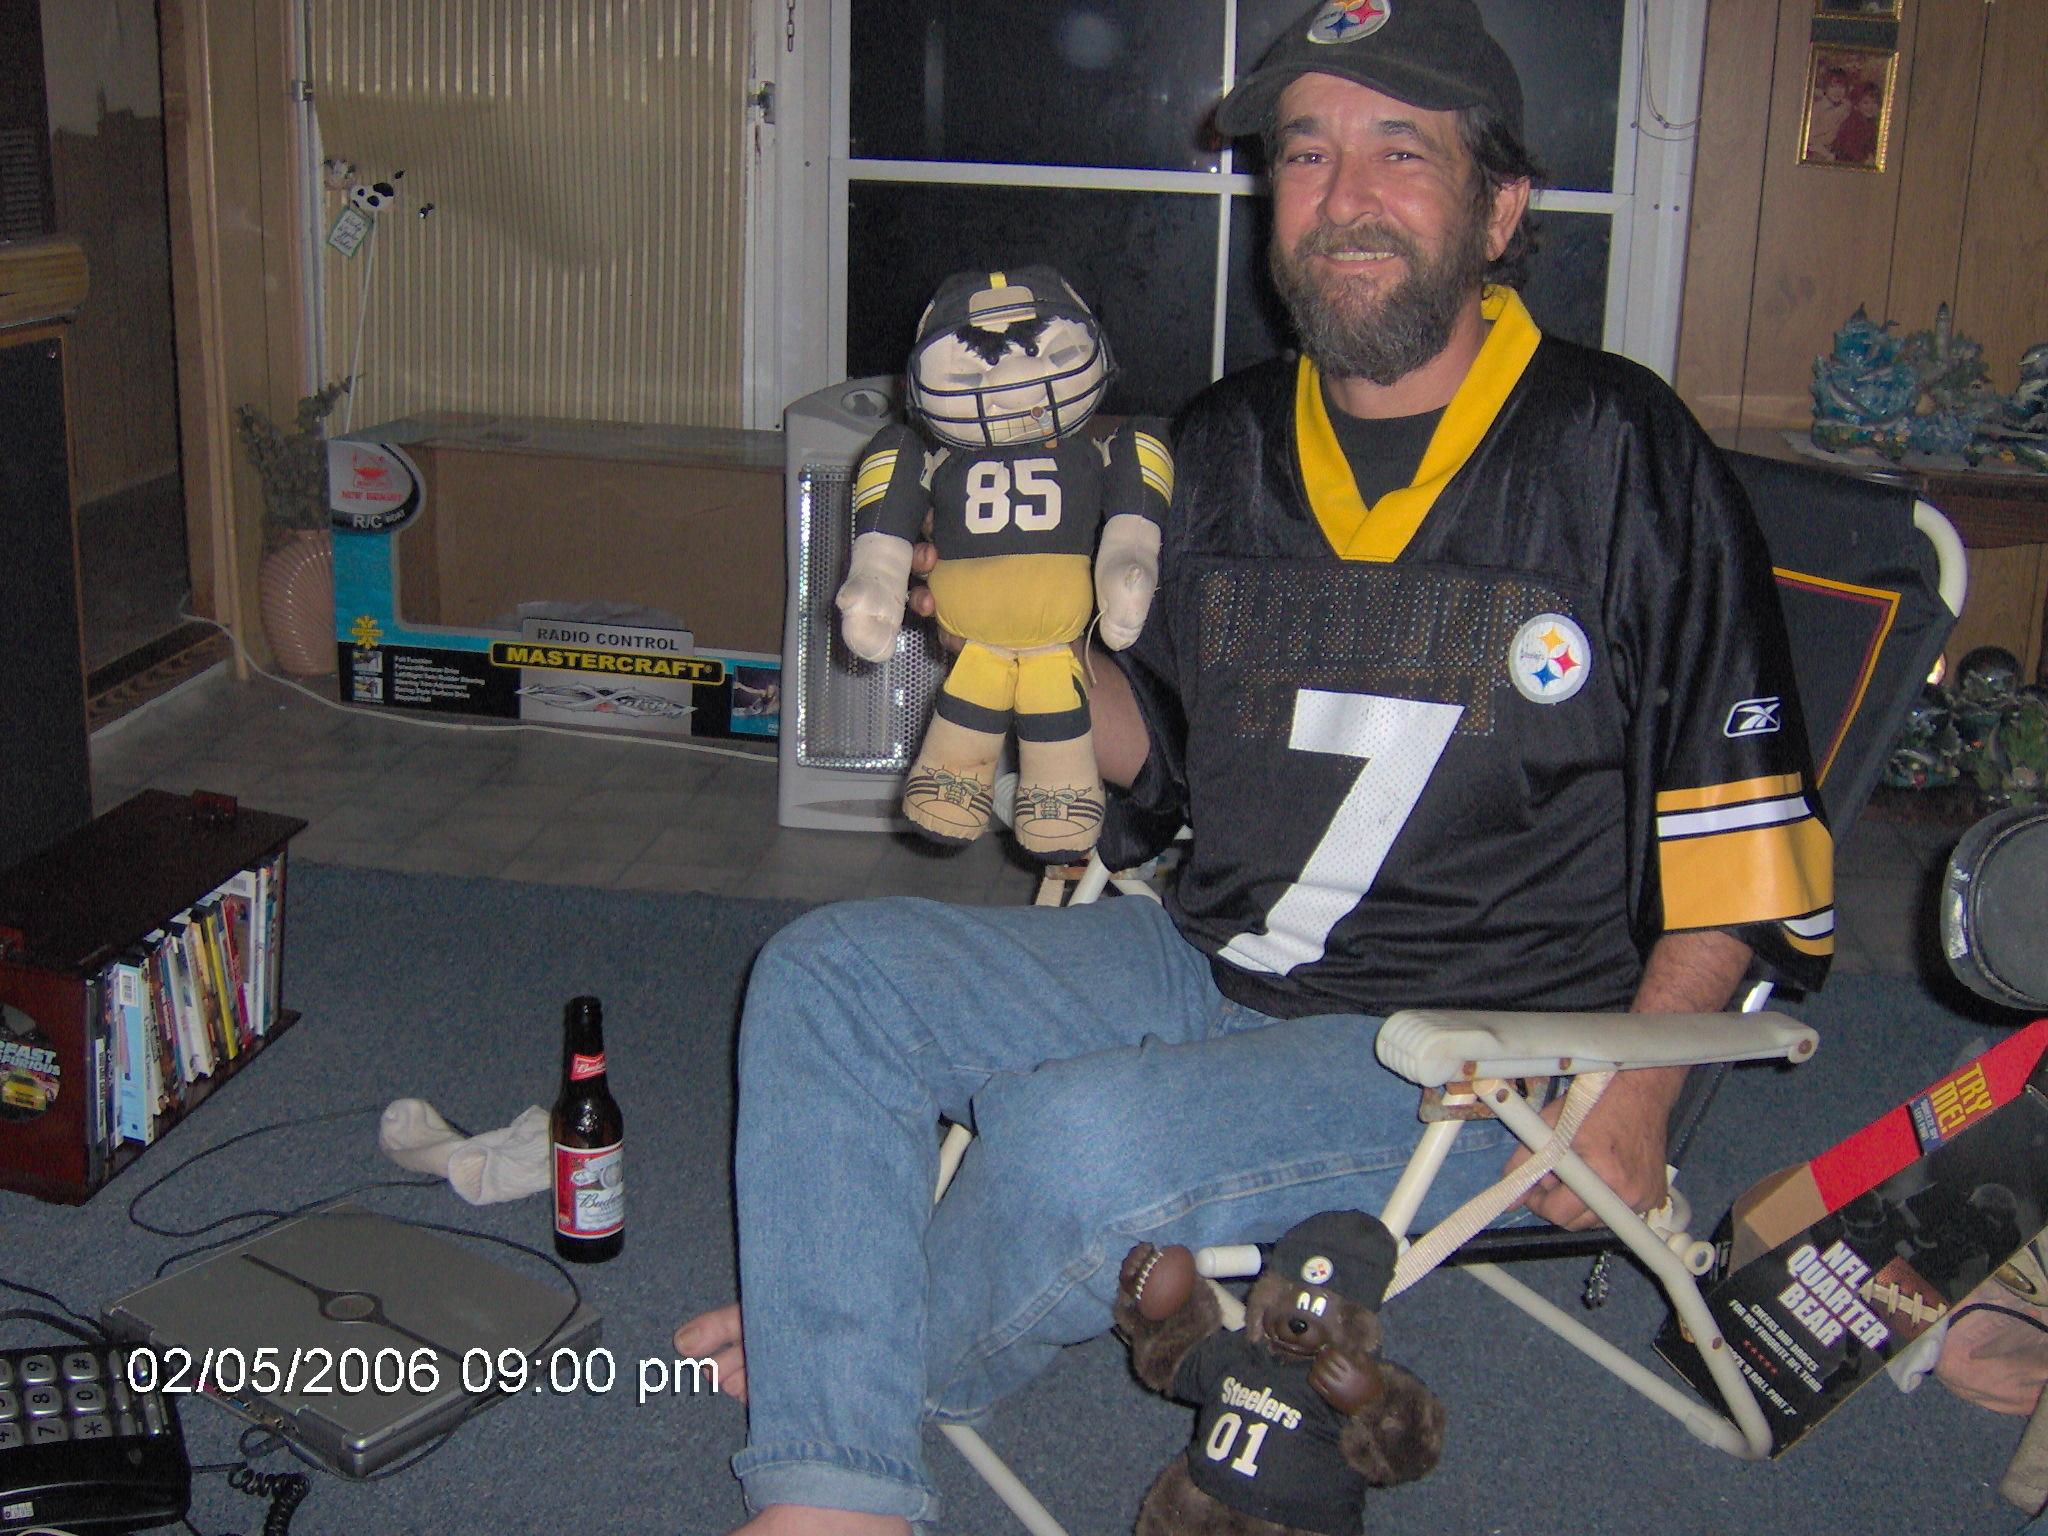 Watching Super Bowl 40